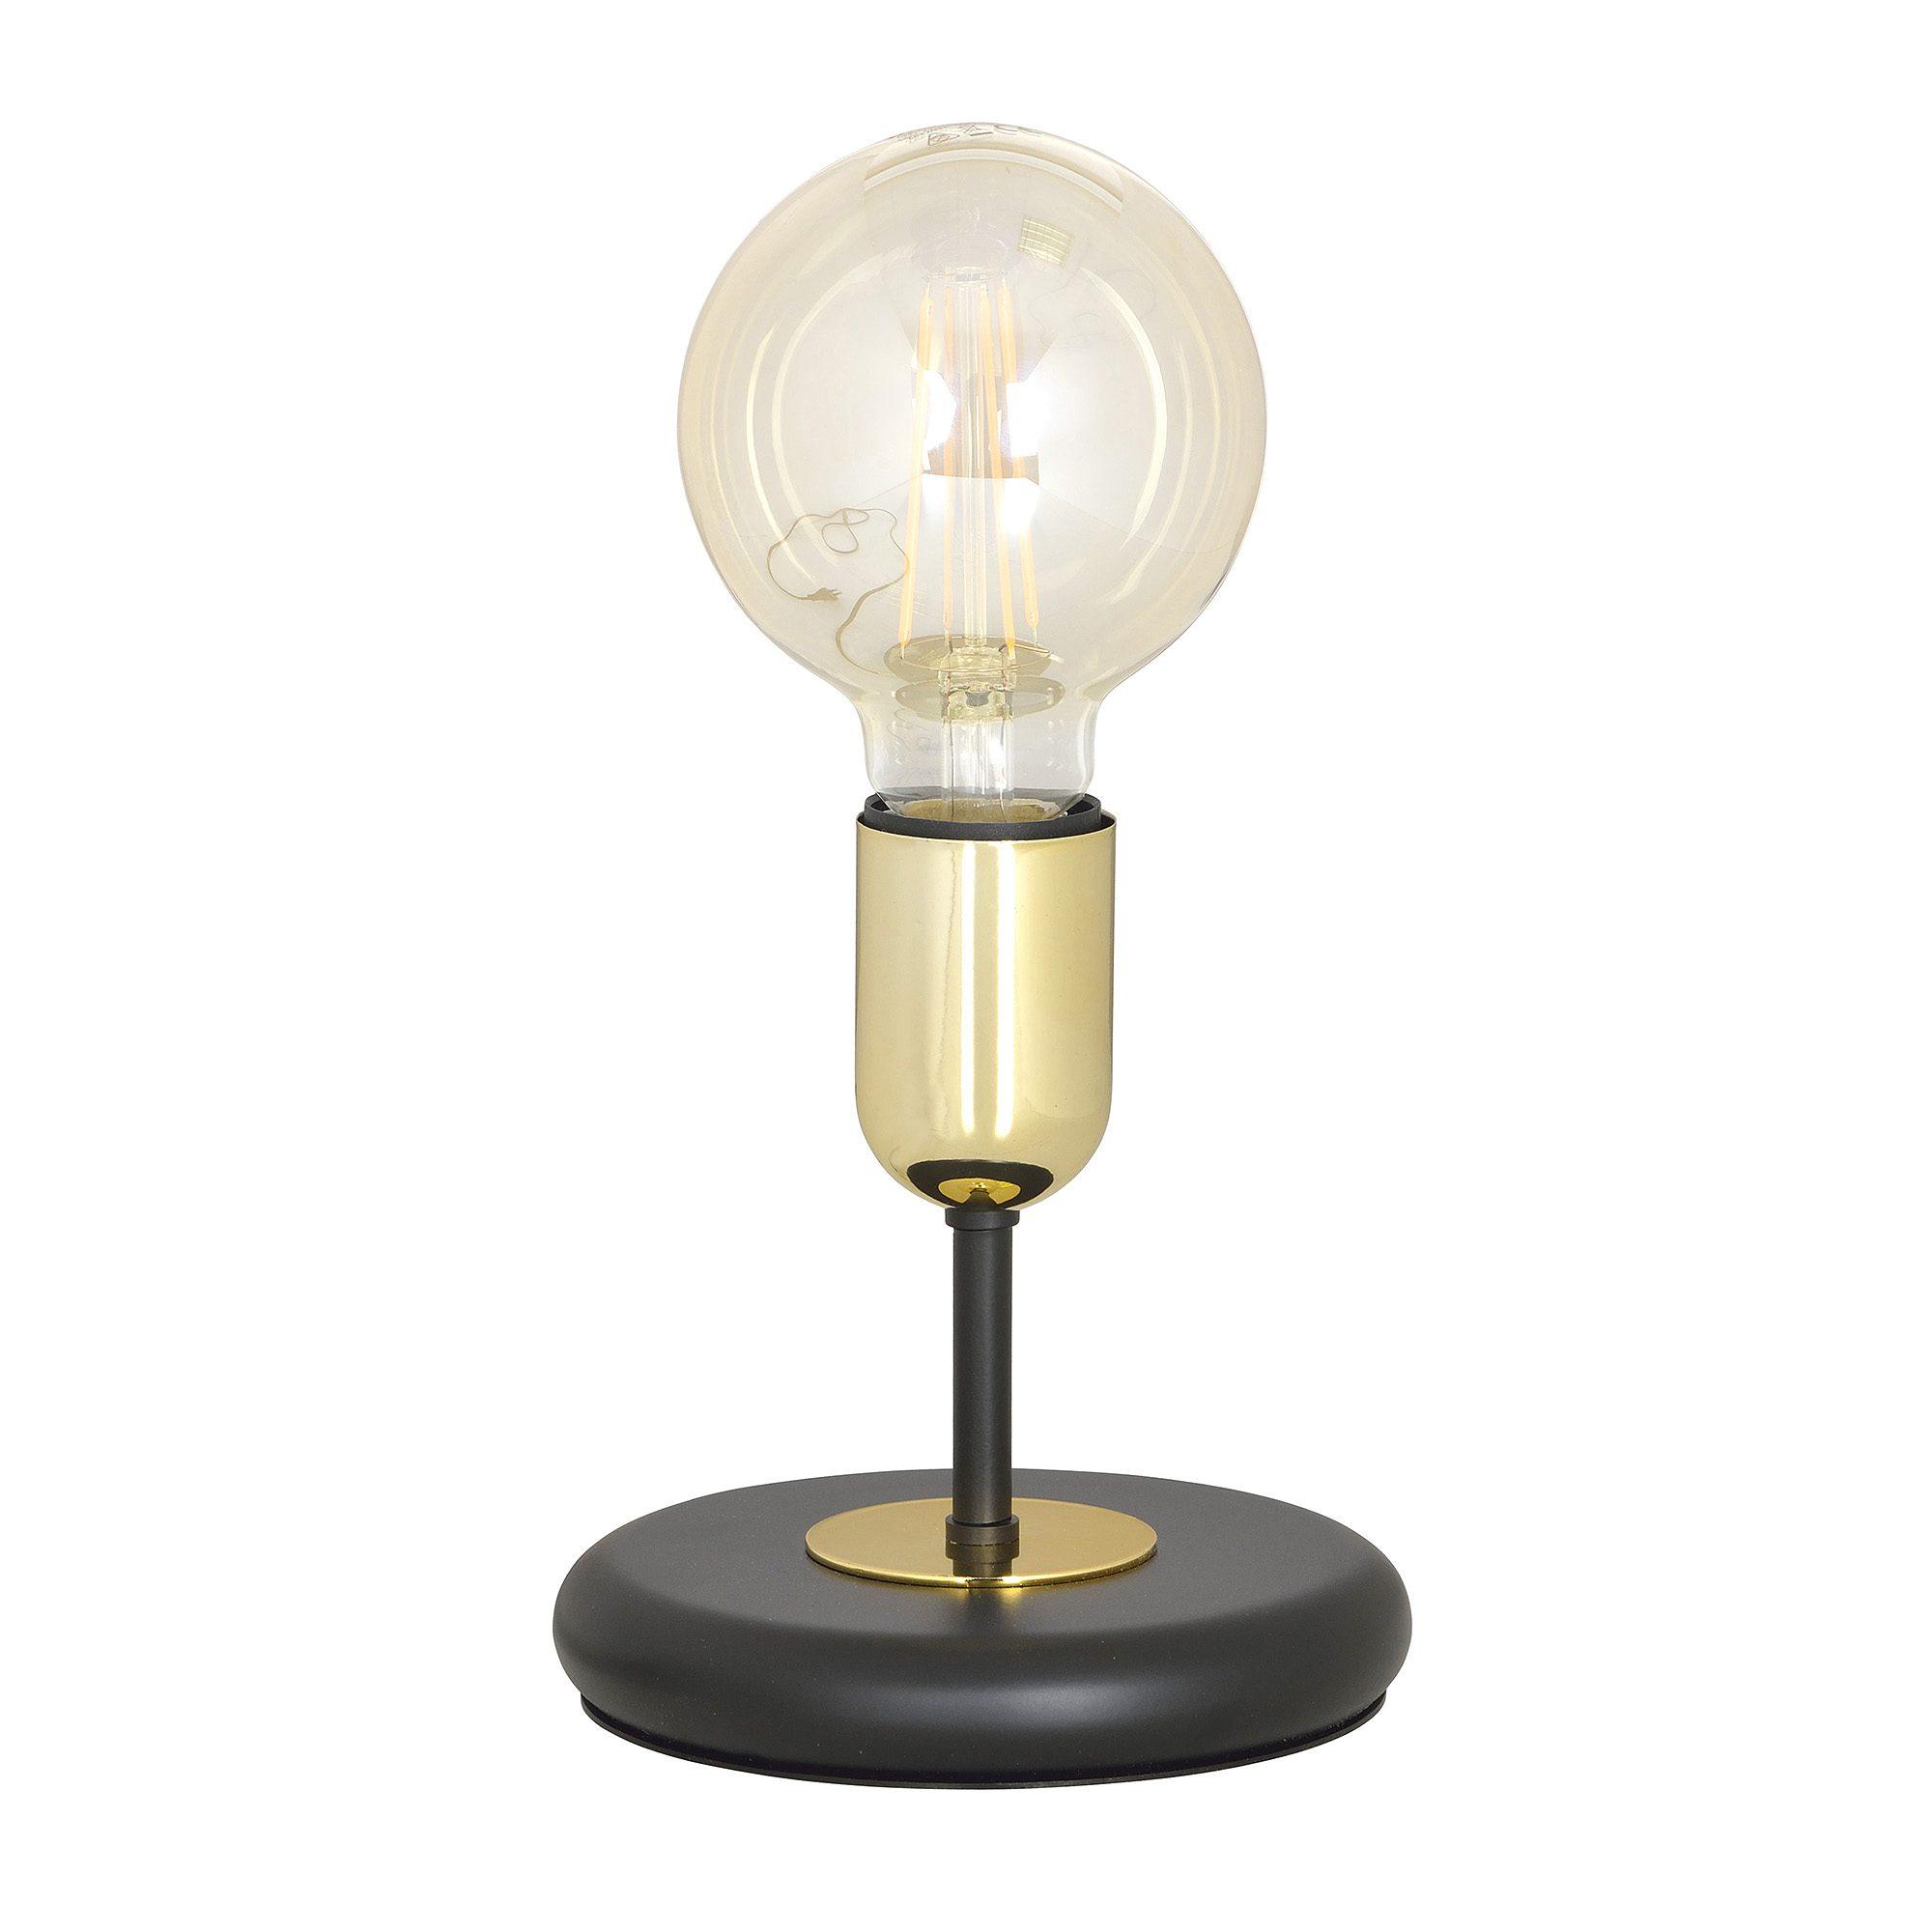 lampka-stolowa-w-stylu-loft-na-zarowke-industrialna